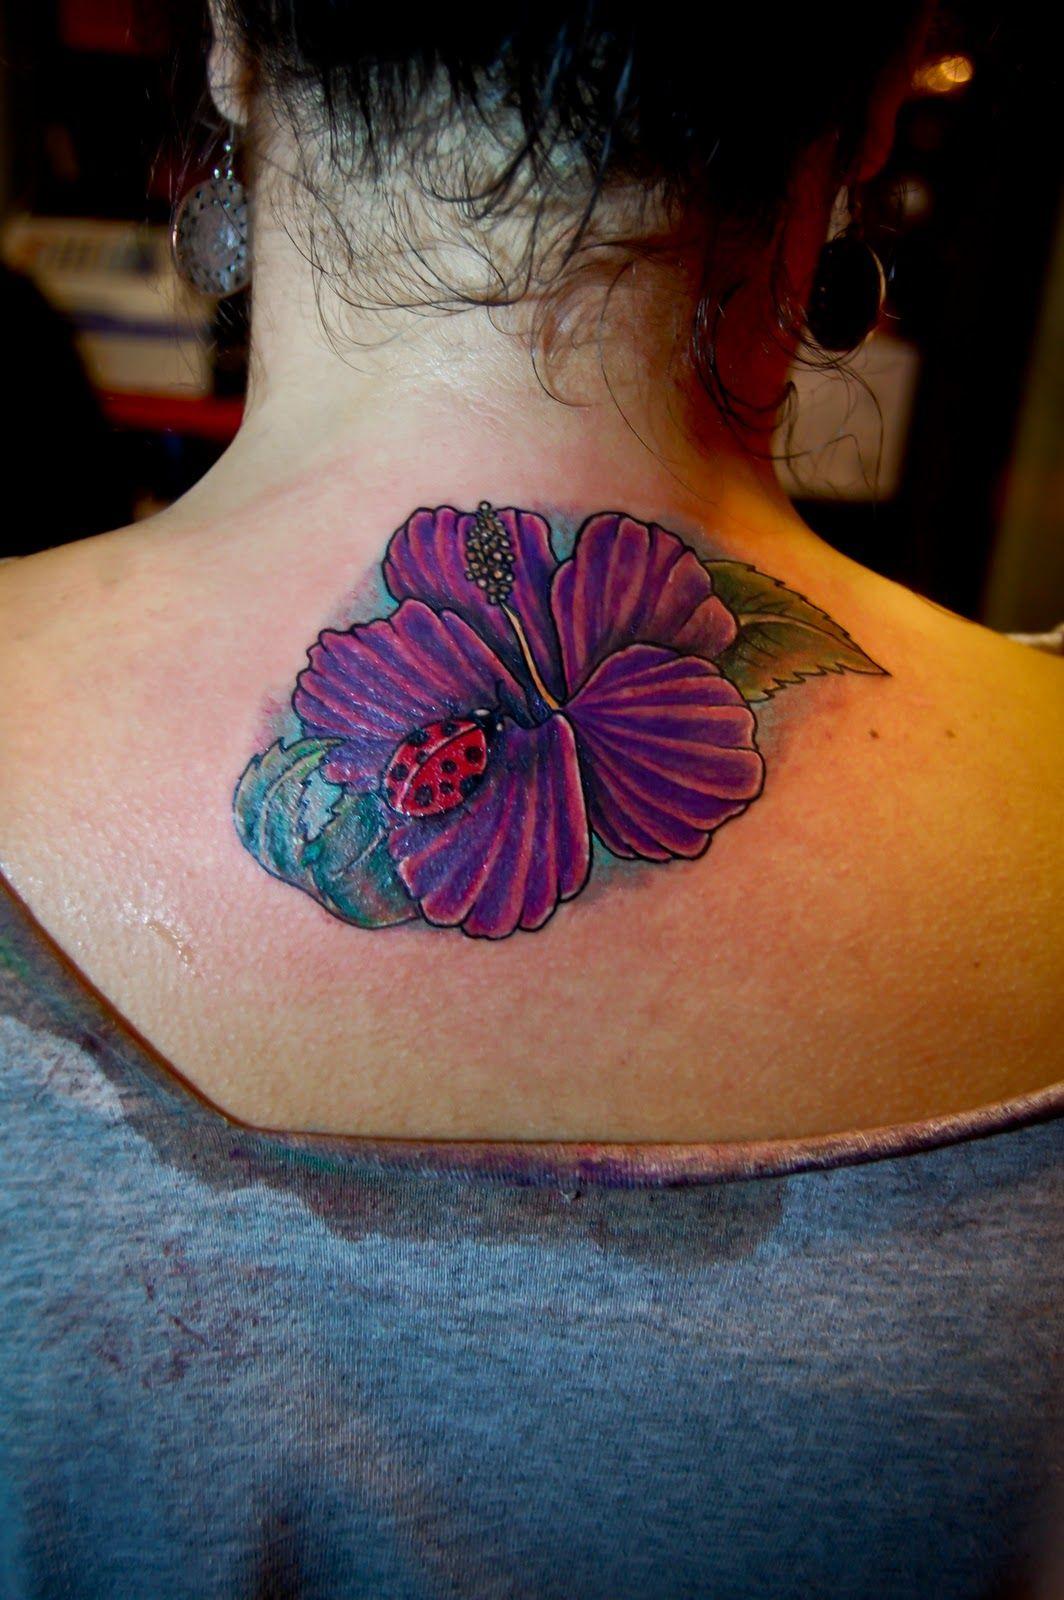 images of ladybugs Alternativ Hibiscus flower & Ladybug tattoo